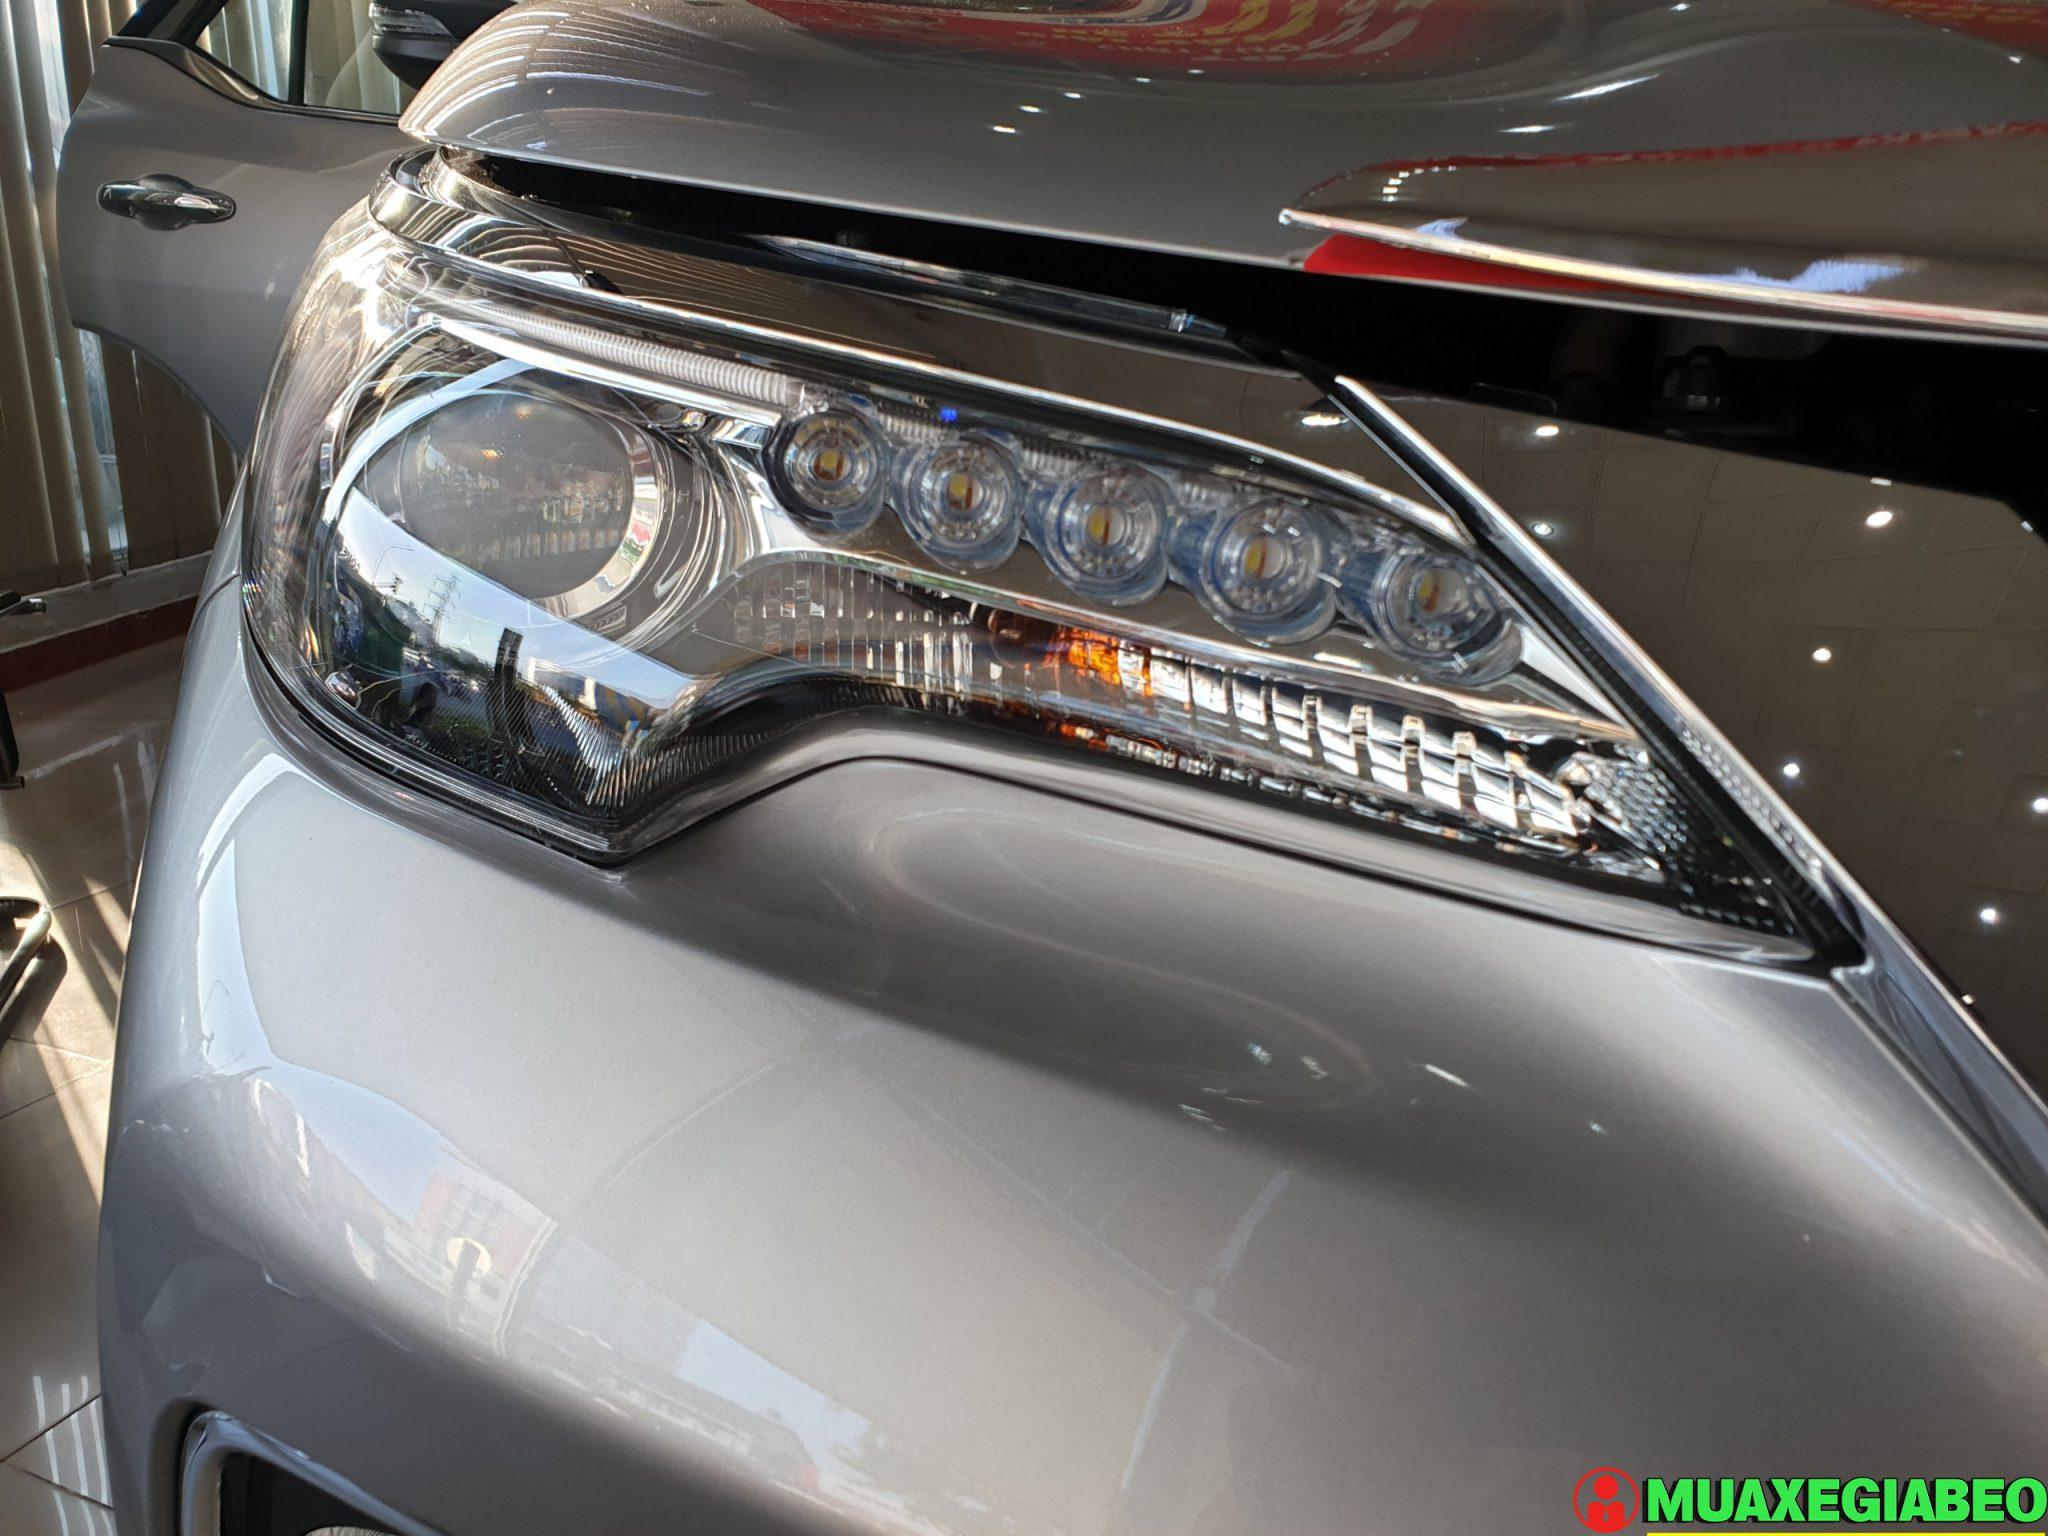 Toyota Fortuner 2.8 V diesel 4x4 AT Đánh giá thông số lăn bánh trả góp ảnh 5 - Fortuner 2.8 V 4WD [hienthinam]: giá xe và khuyến mãi mới